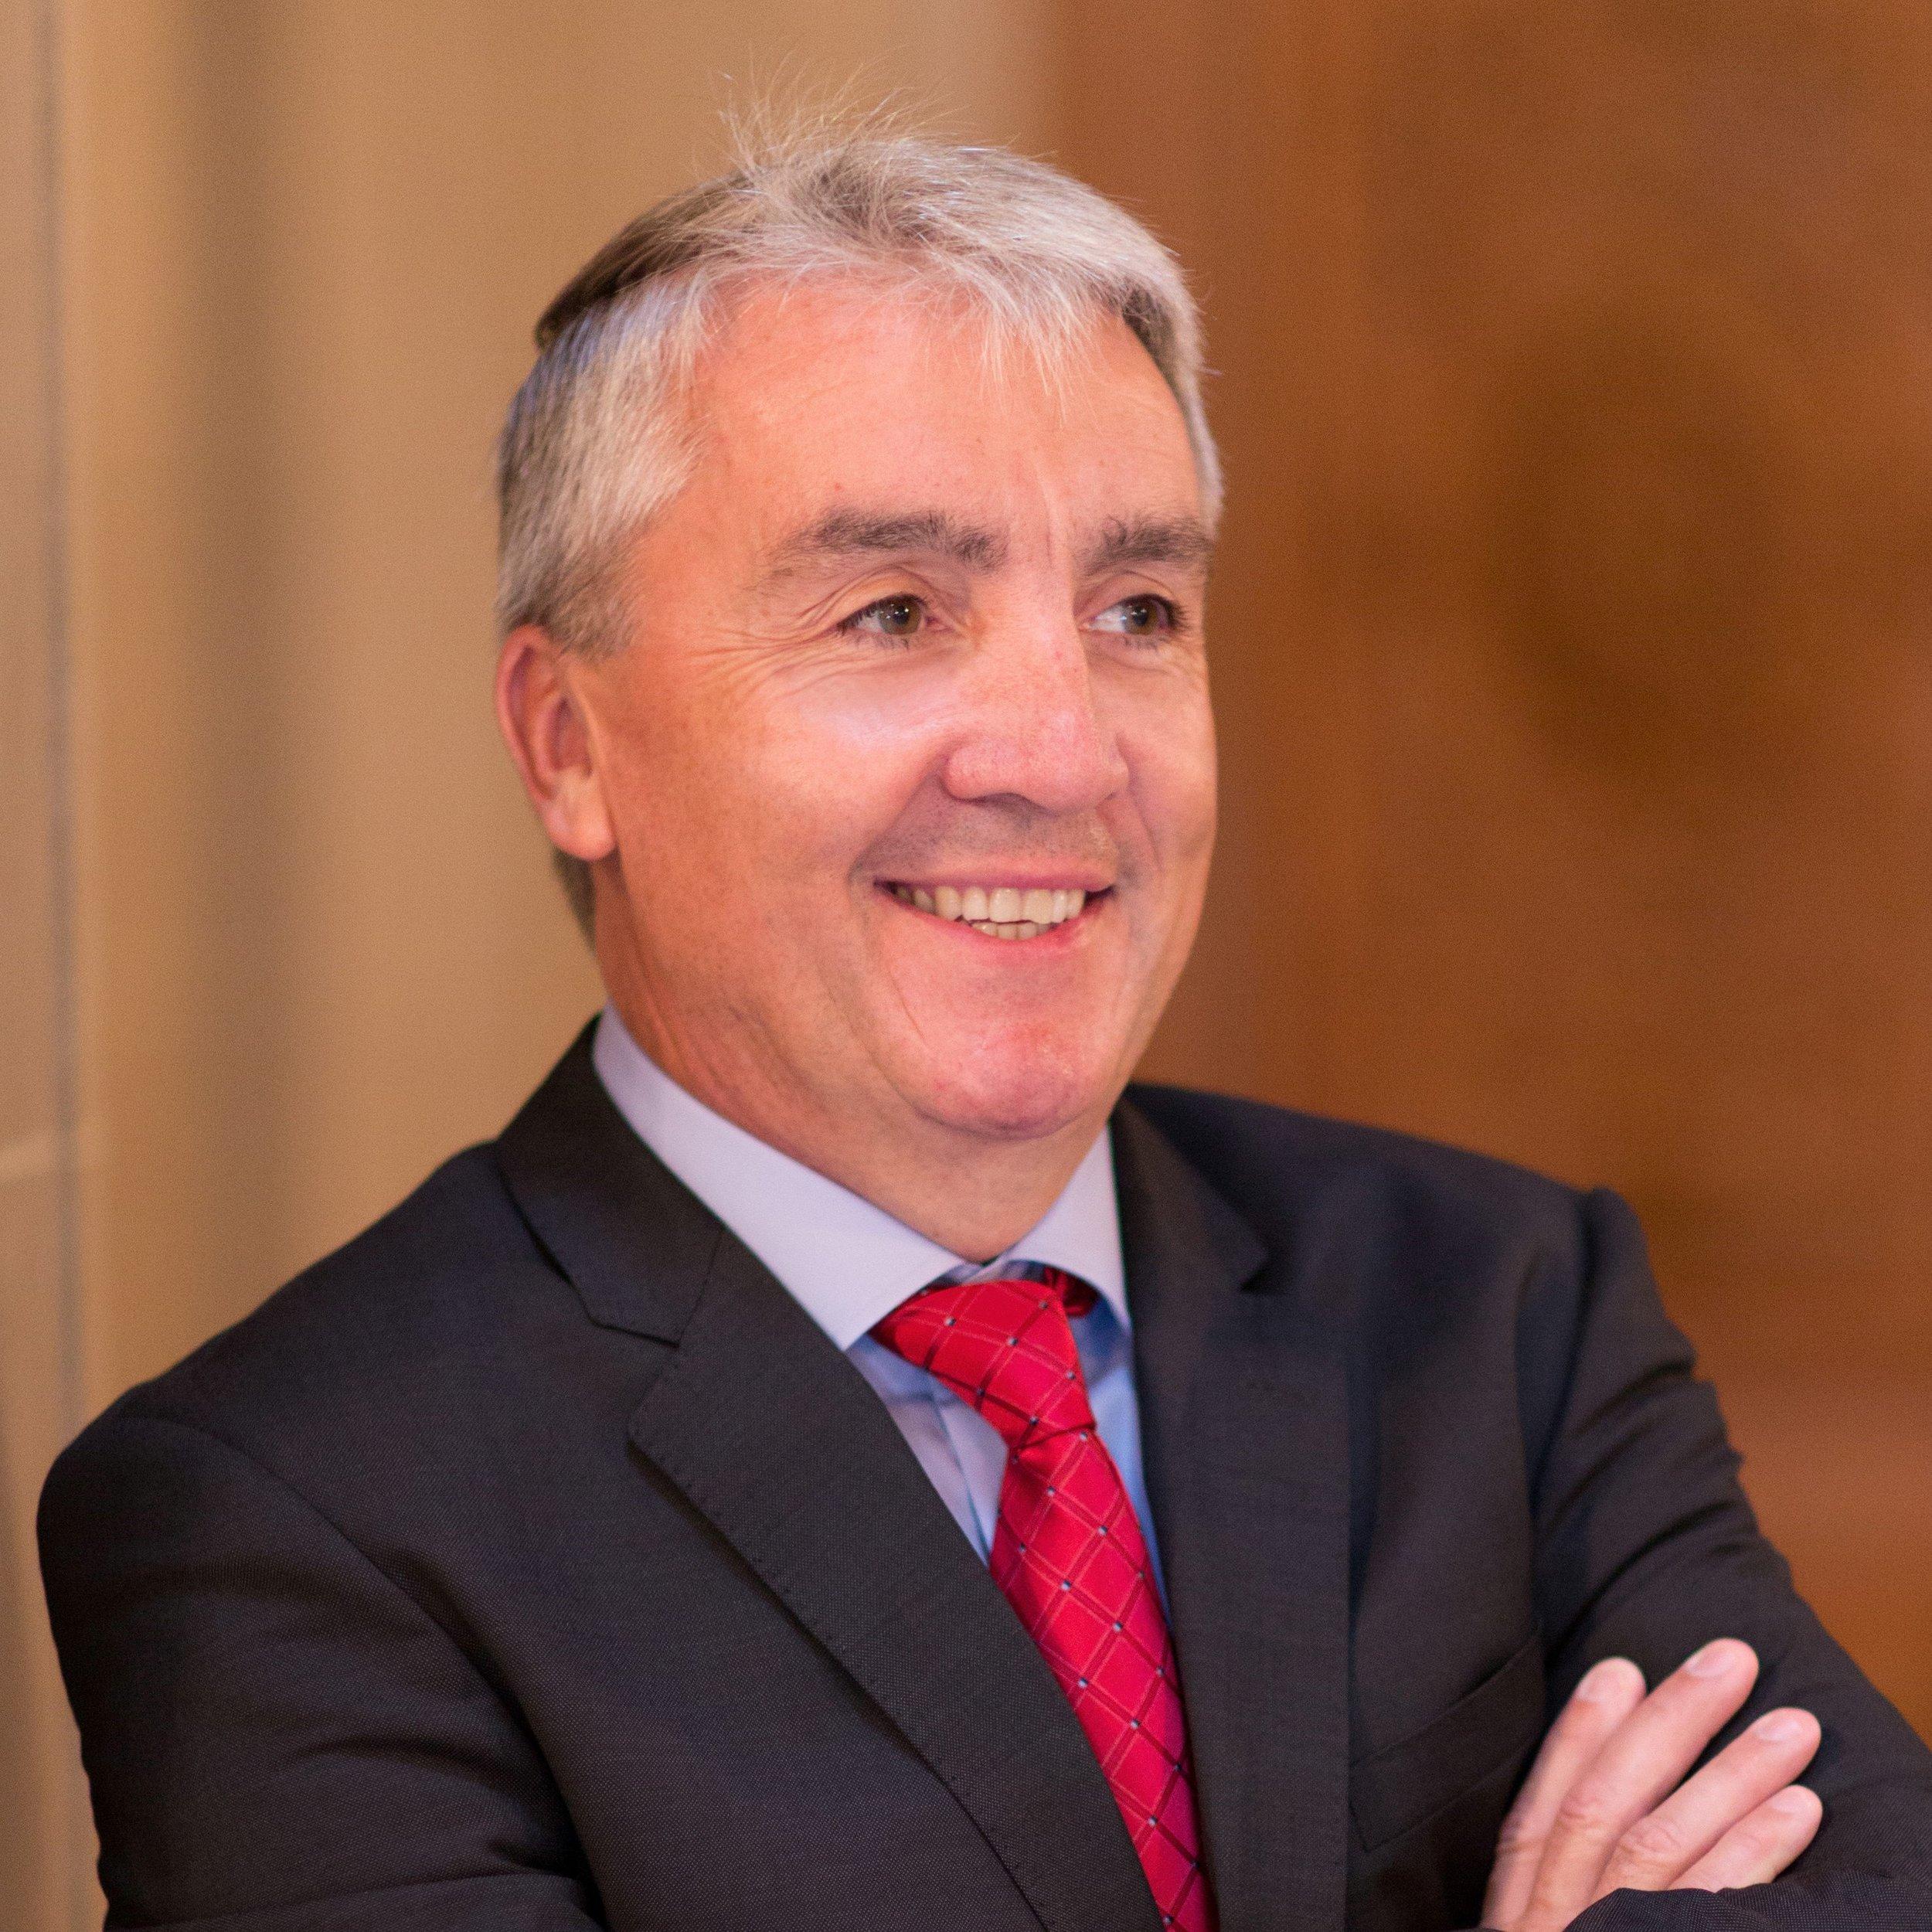 Eddie White  VP of Sales and Business Development, Interana